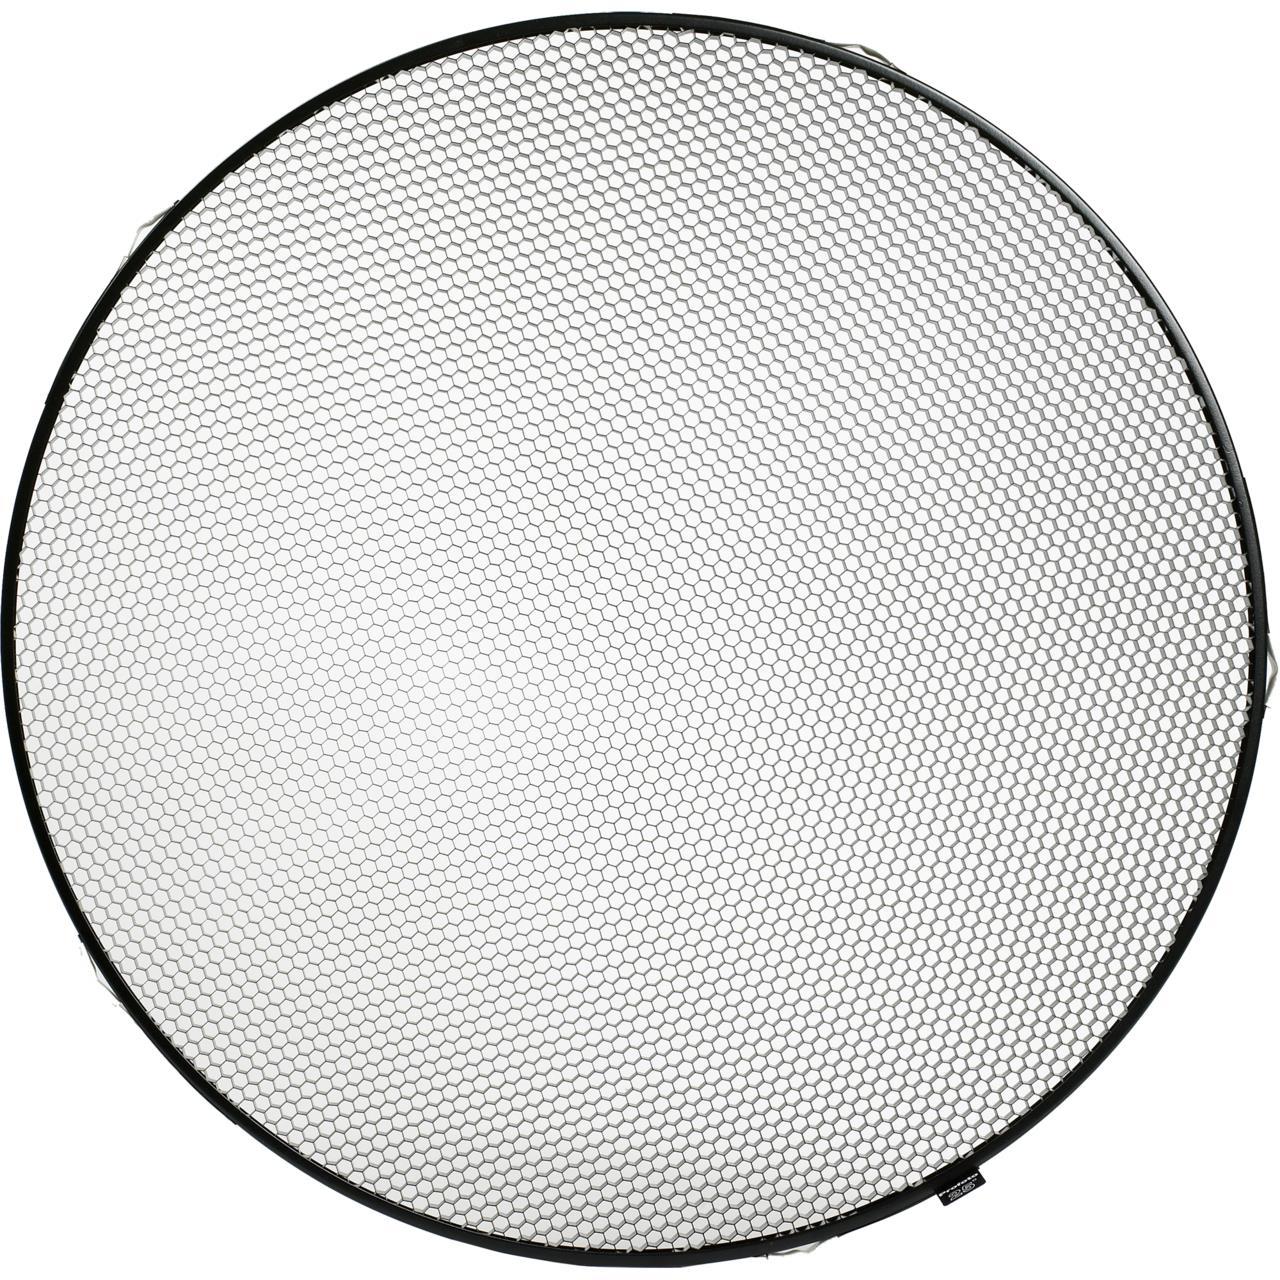 profoto-grid